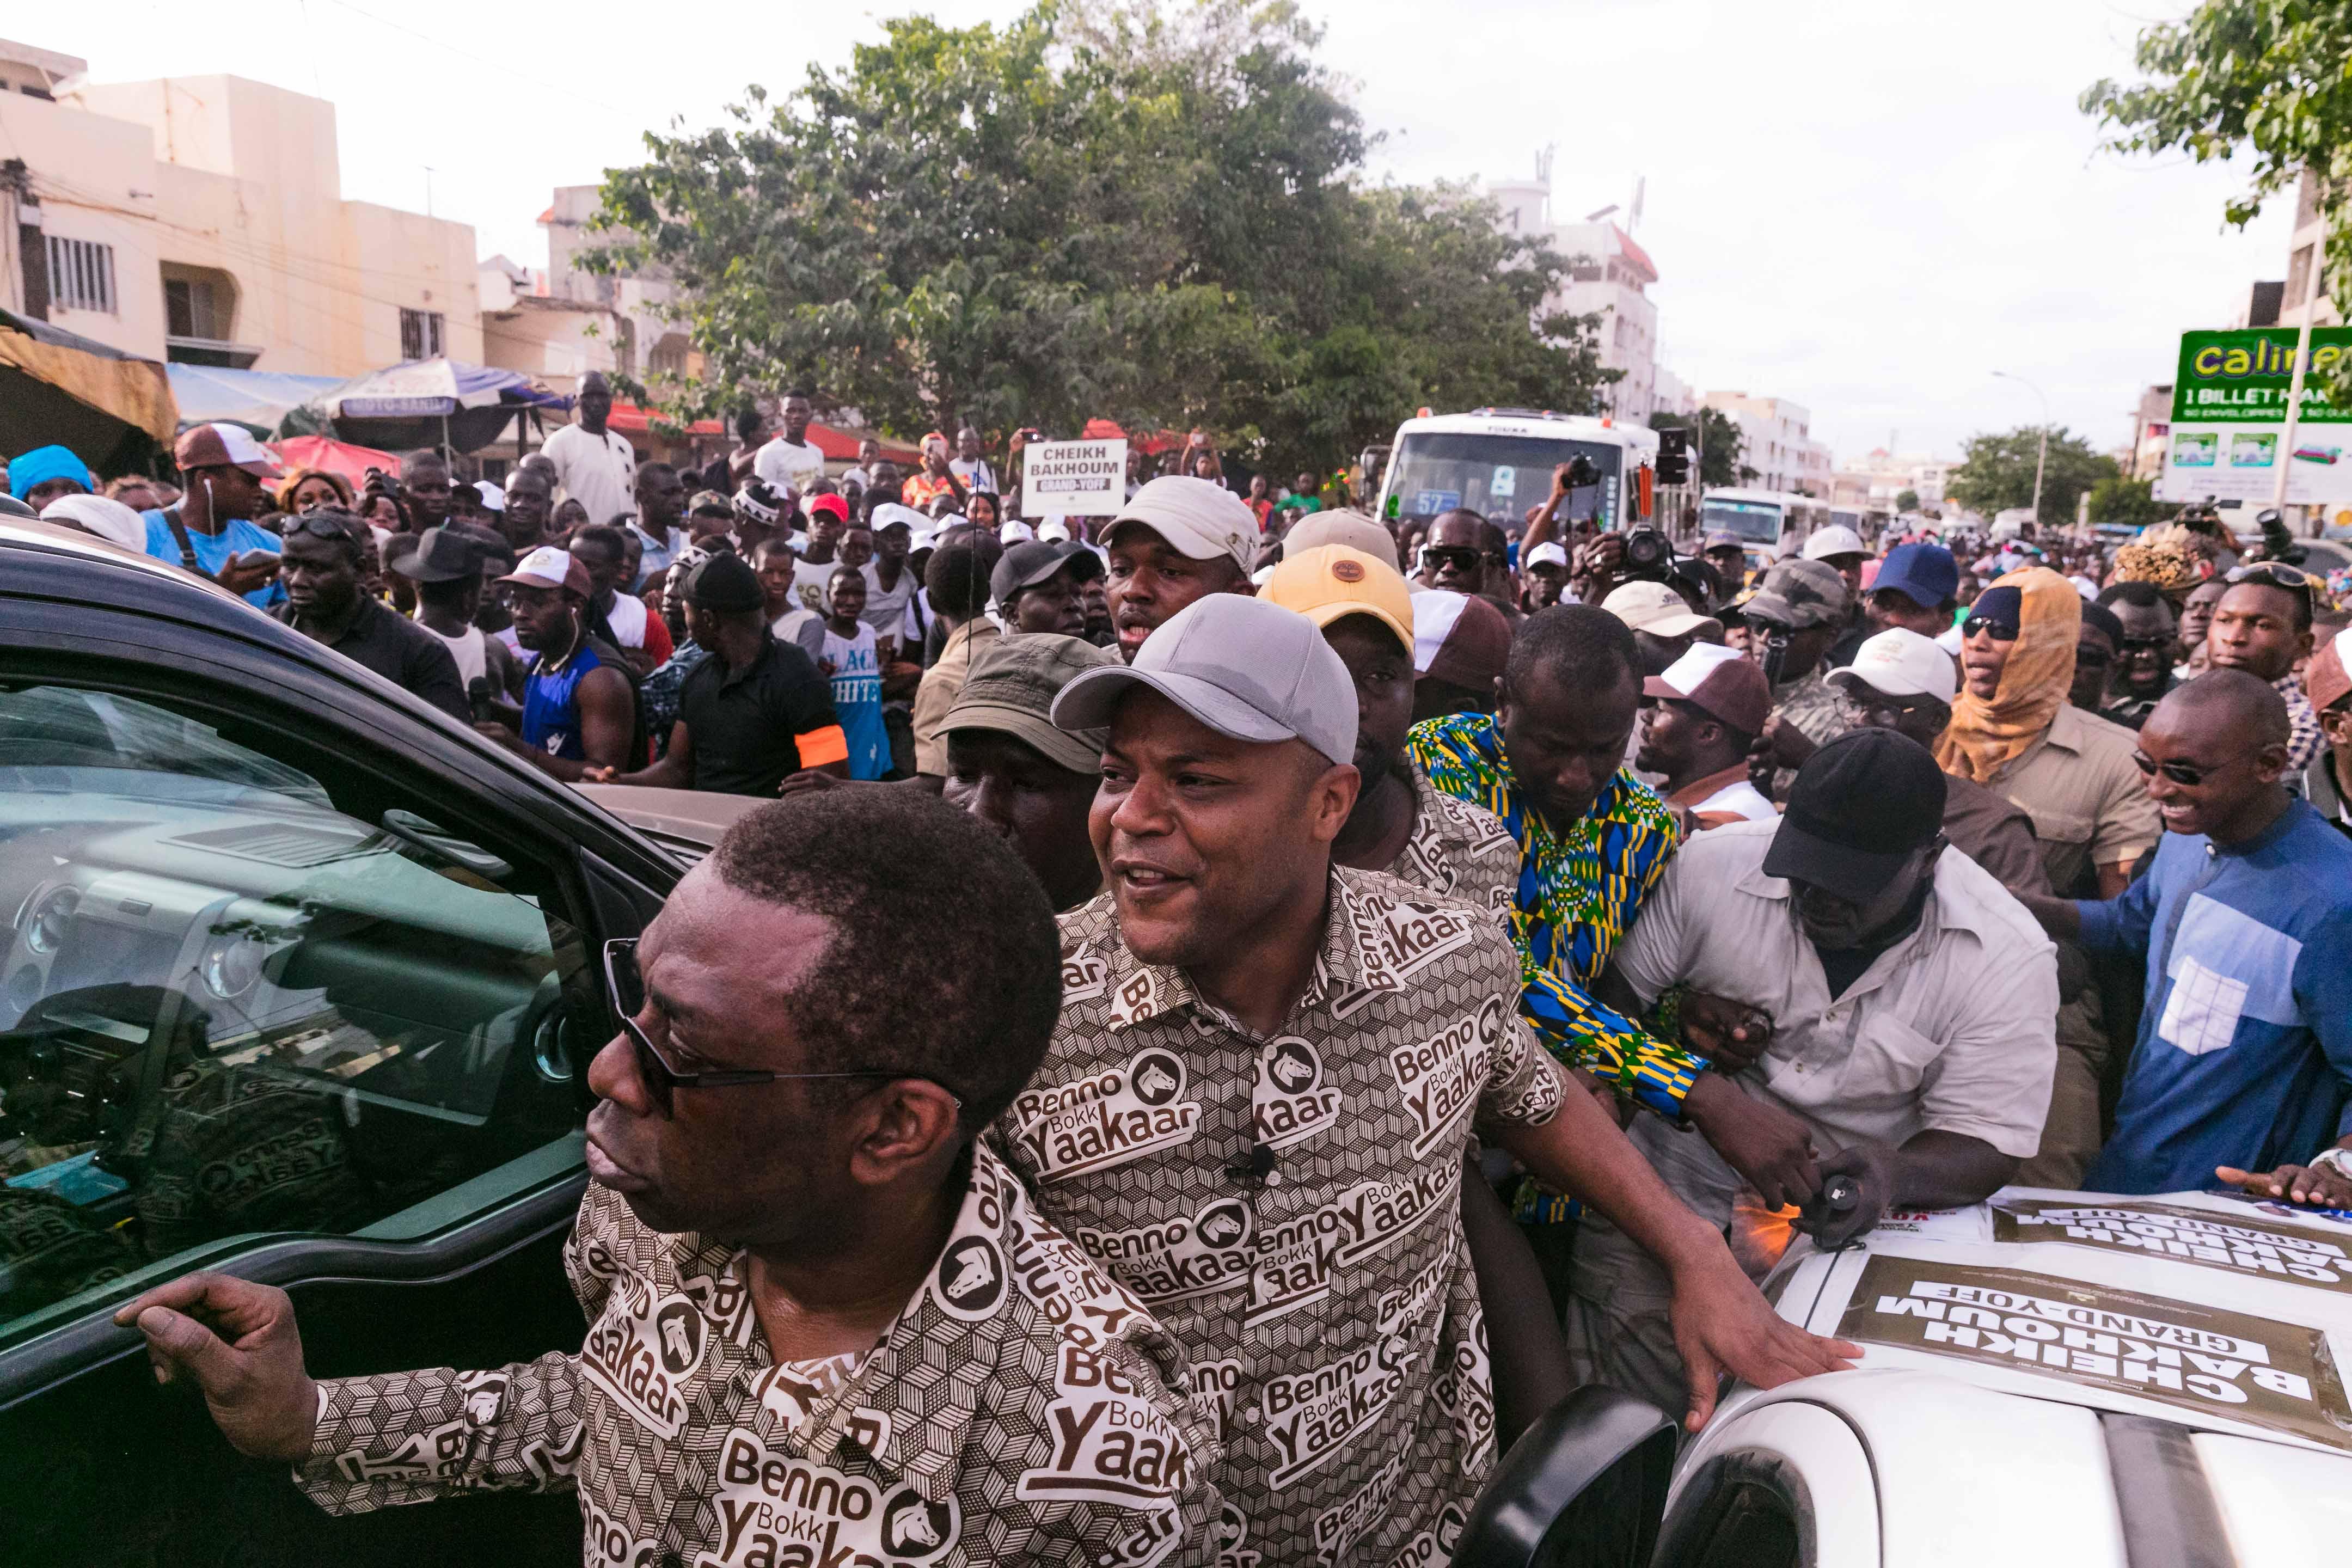 Suite aux violences à Grand-Yoff : Cheikh Bakhoum va porter plainte contre « Manko Taxawu Senegaal »